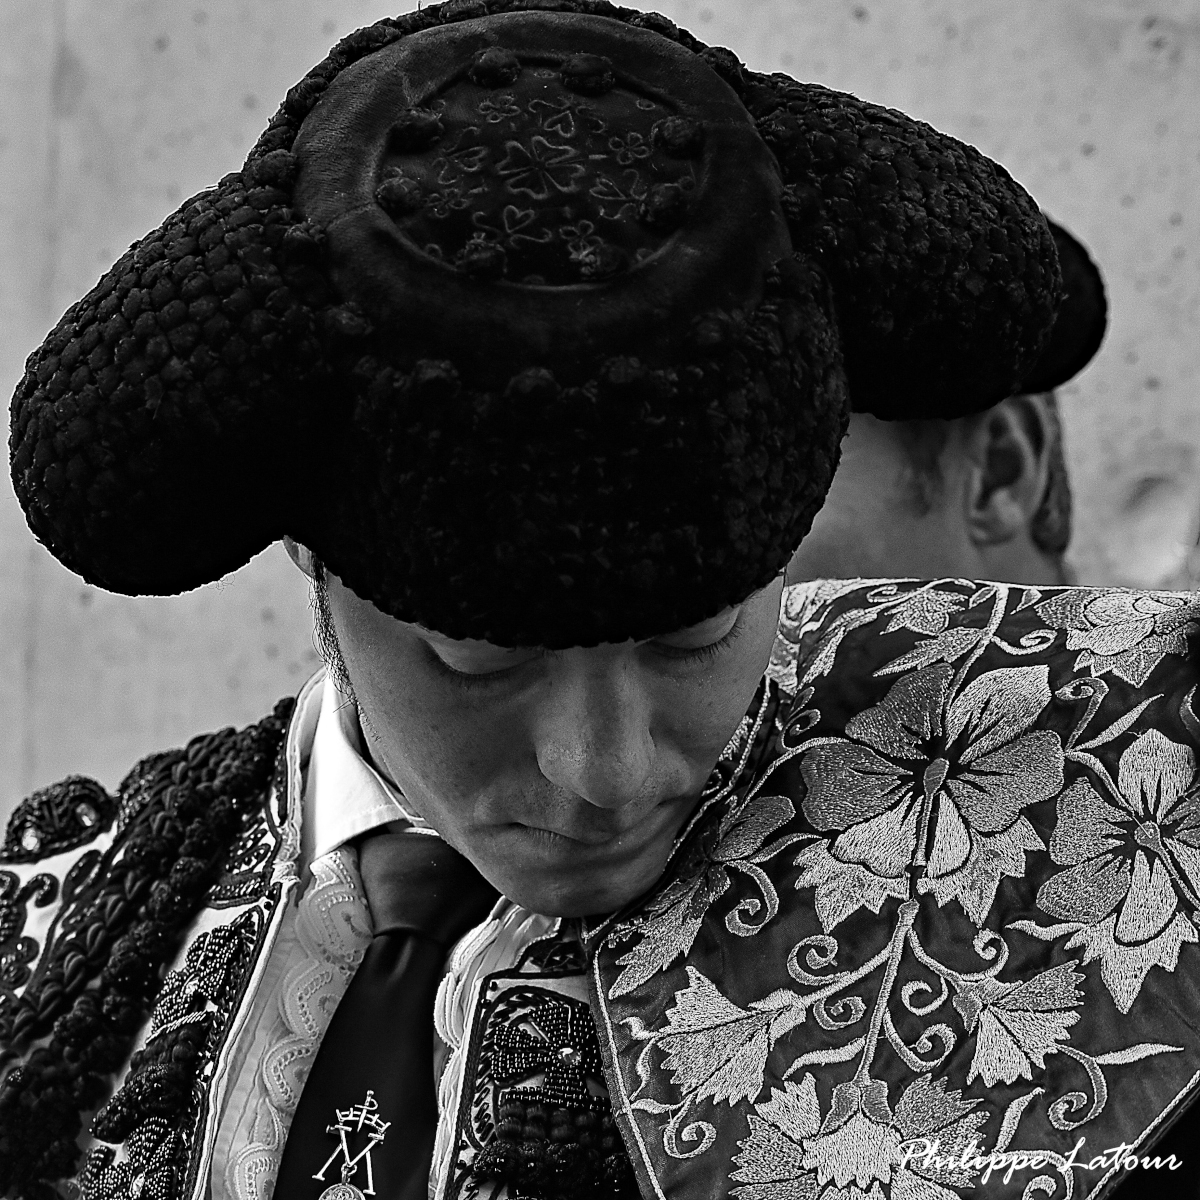 Manolo Vanegas ©philippelatour